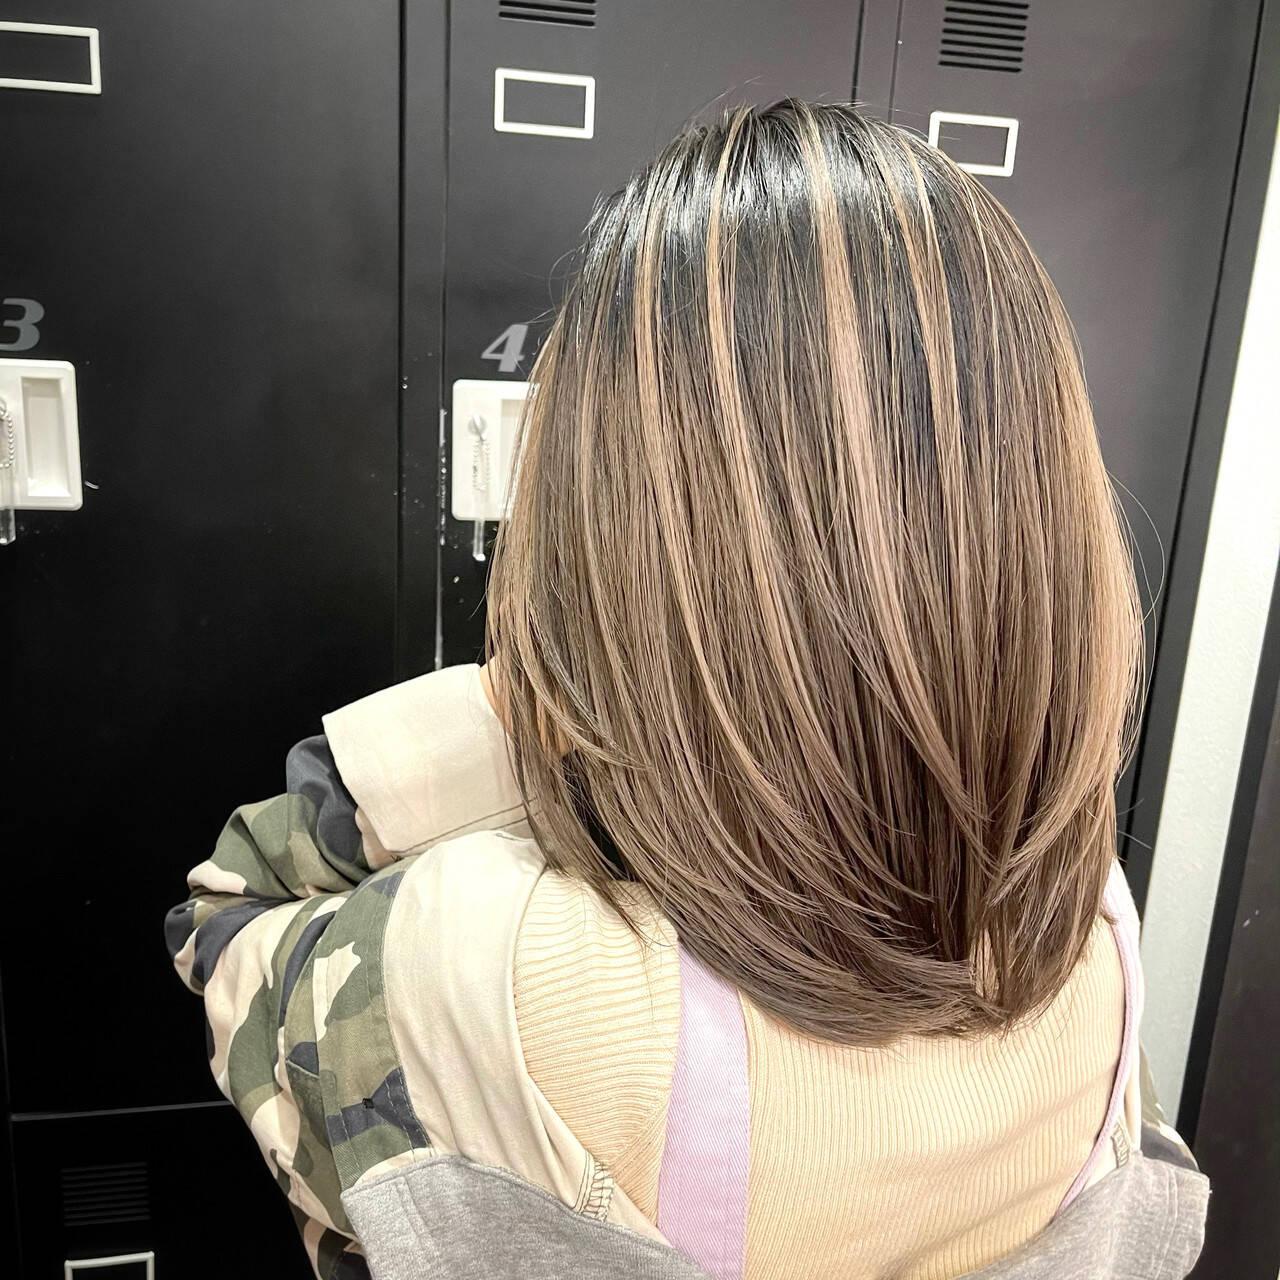 ミディアムレイヤー アンニュイ レイヤーカット 外国人風カラーヘアスタイルや髪型の写真・画像